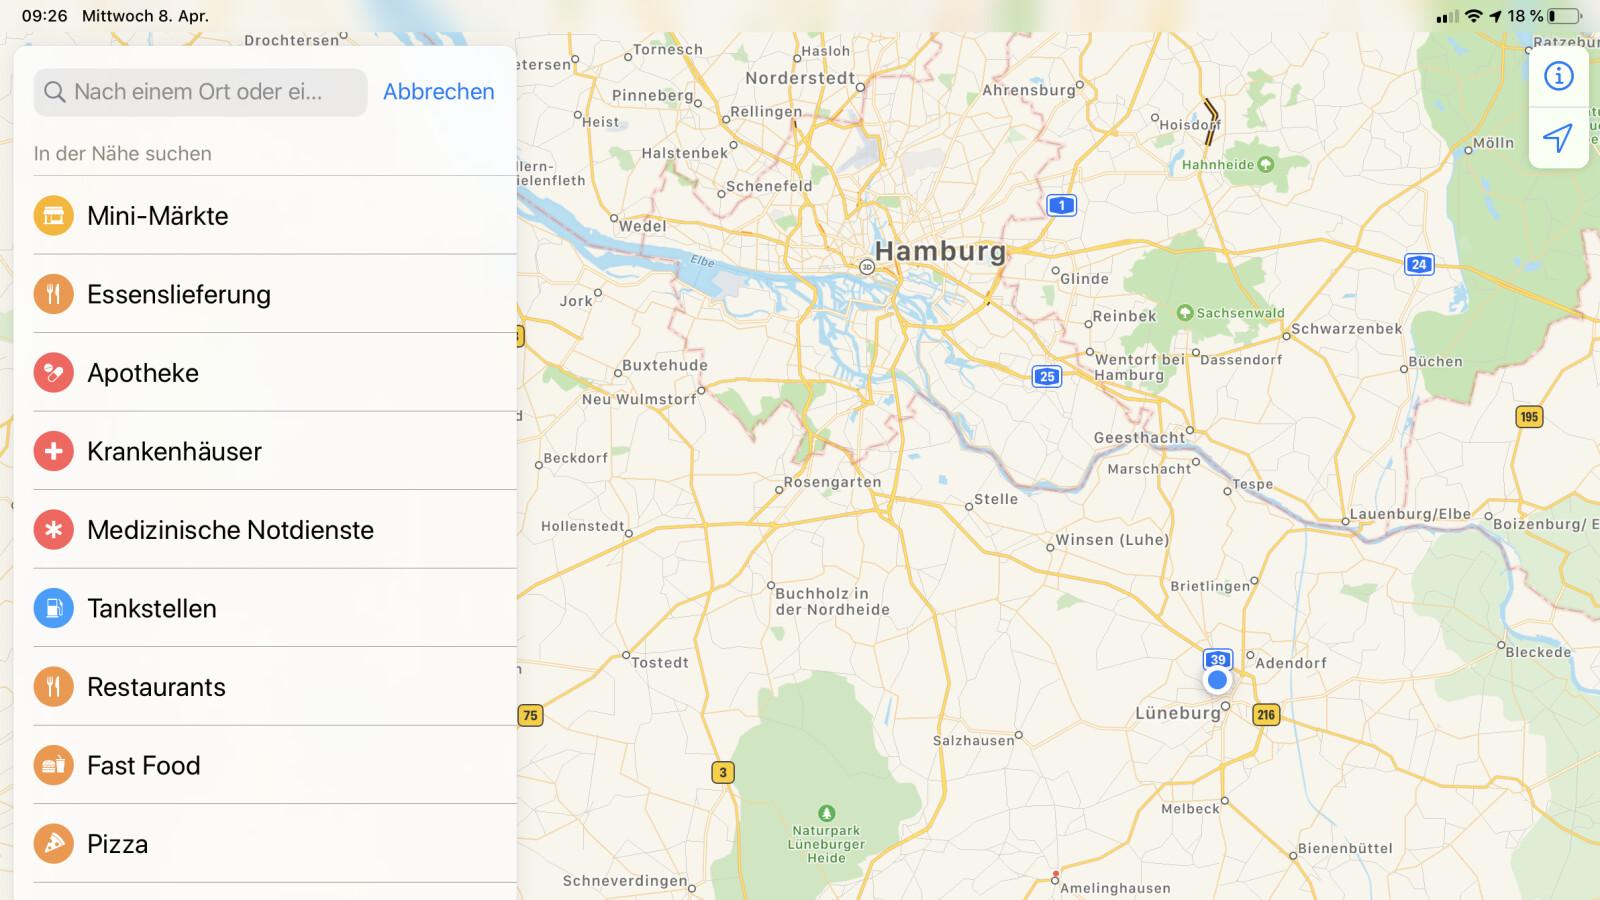 Apple: Karten-App rückt Lieferdienste und medizinische Einrichtungen in den Fokus